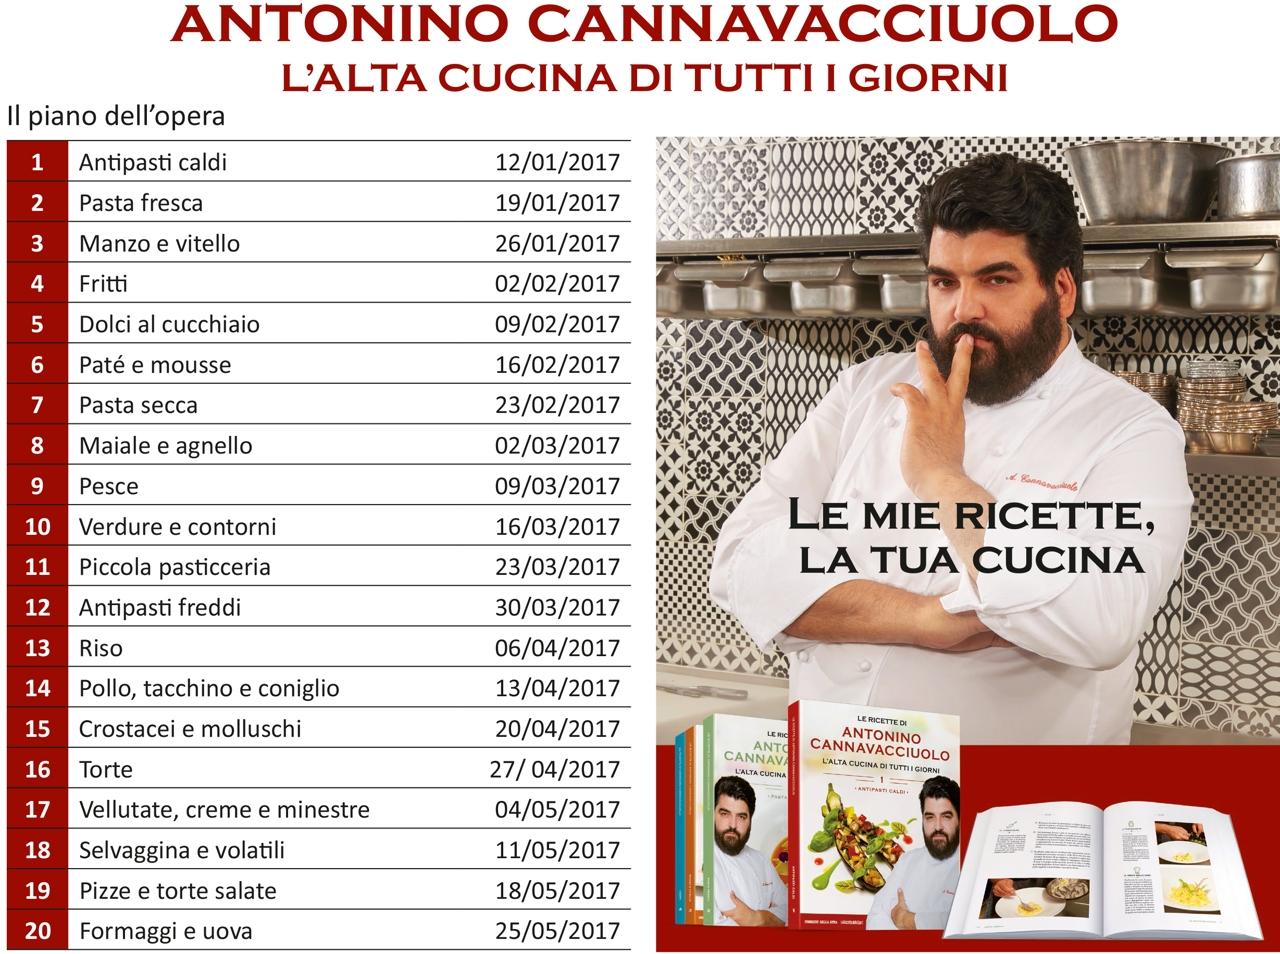 Disegno la cucina del corriere : L'alta cucina? Alla portata di tutti - Corriere.it